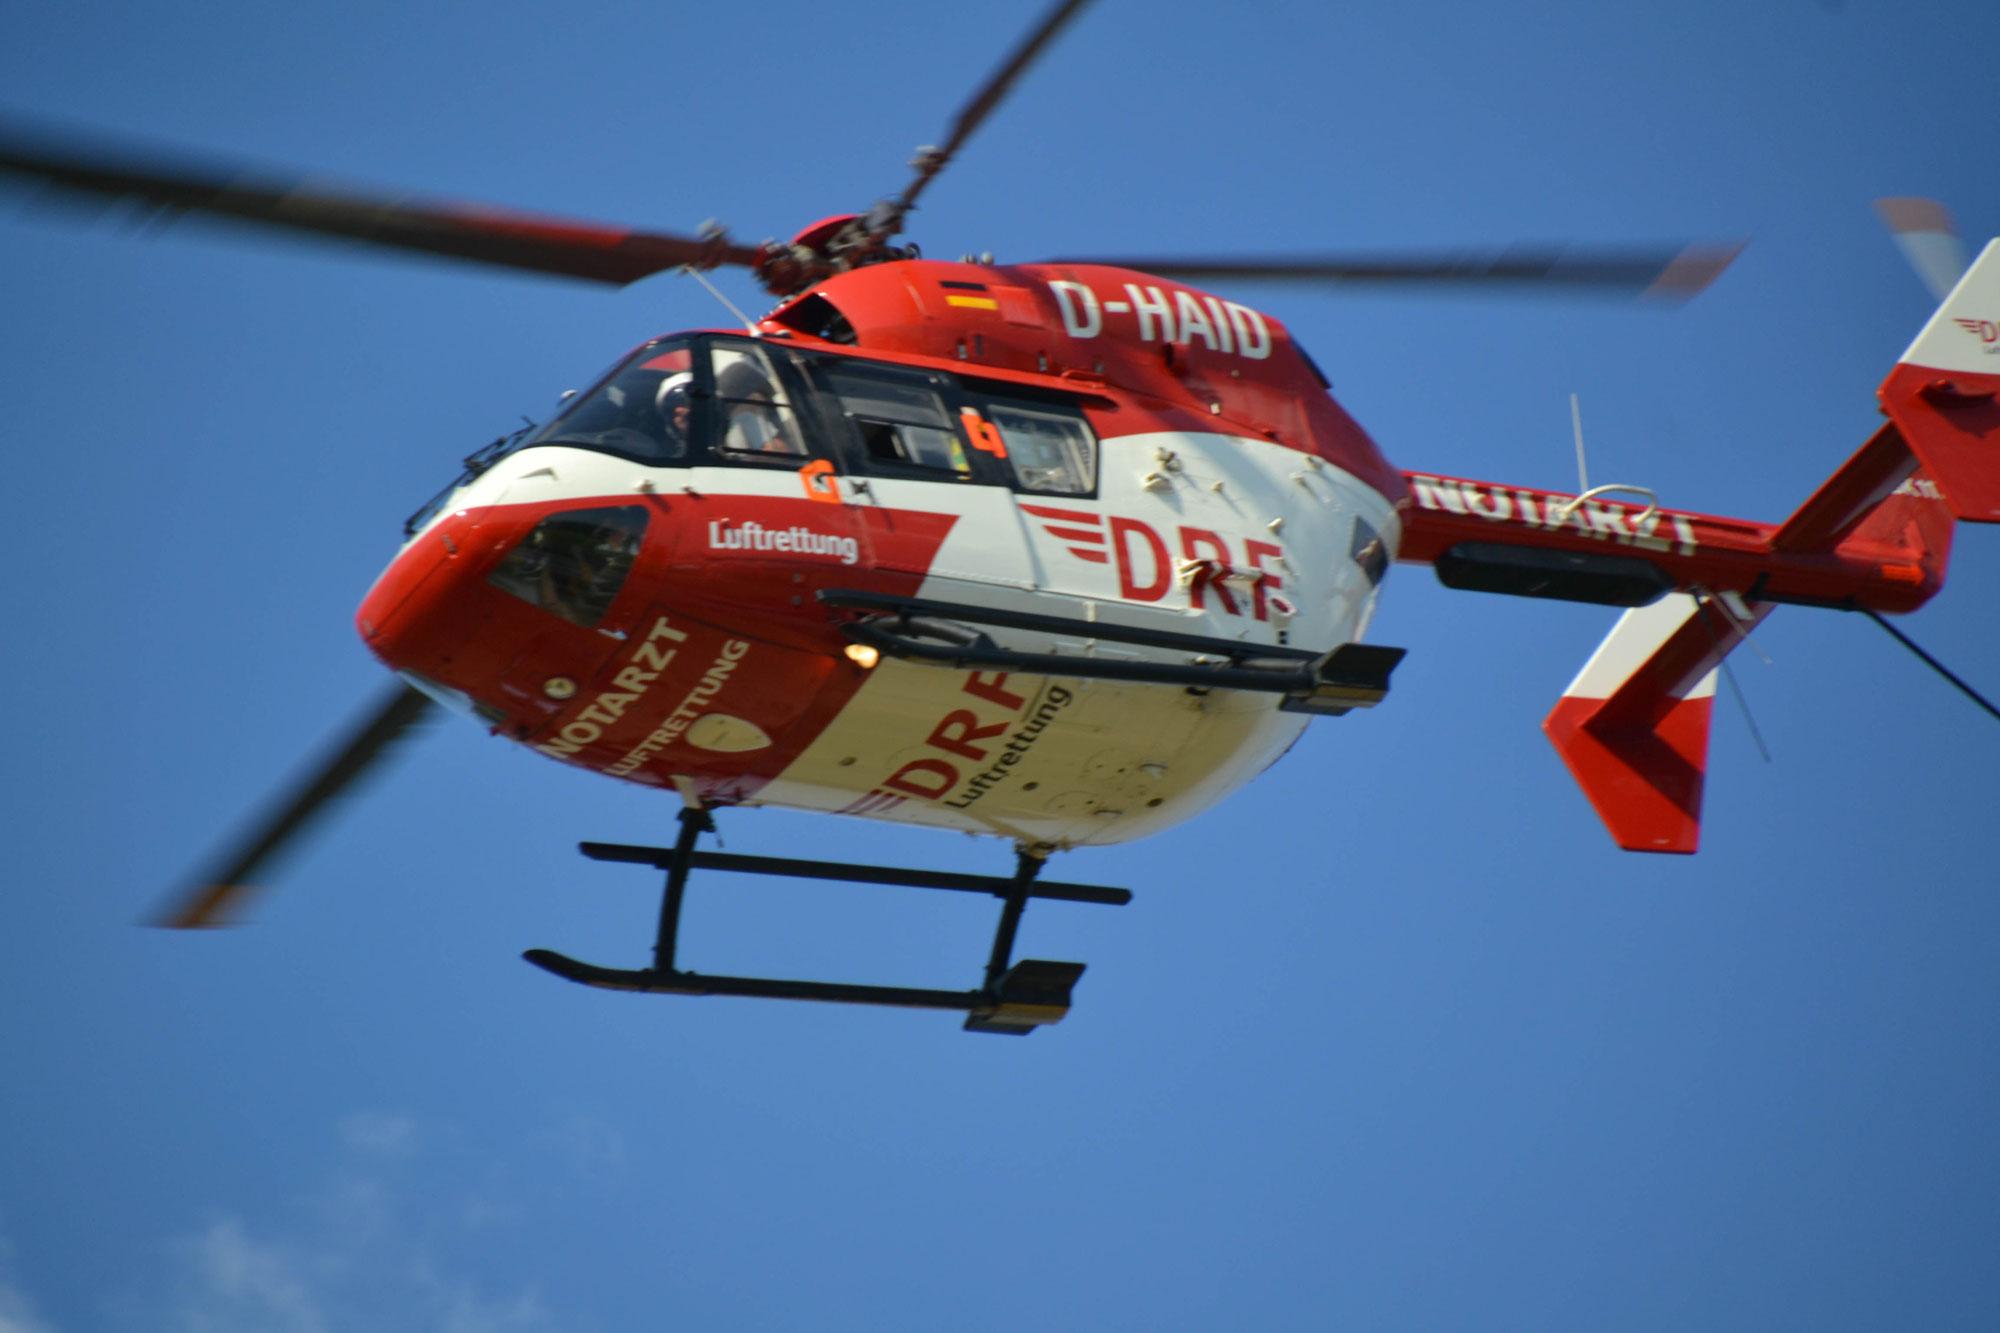 Halbjahresbilanz 2021: Mehr als 100 Einsätze pro Tag für die DRF Luftrettung